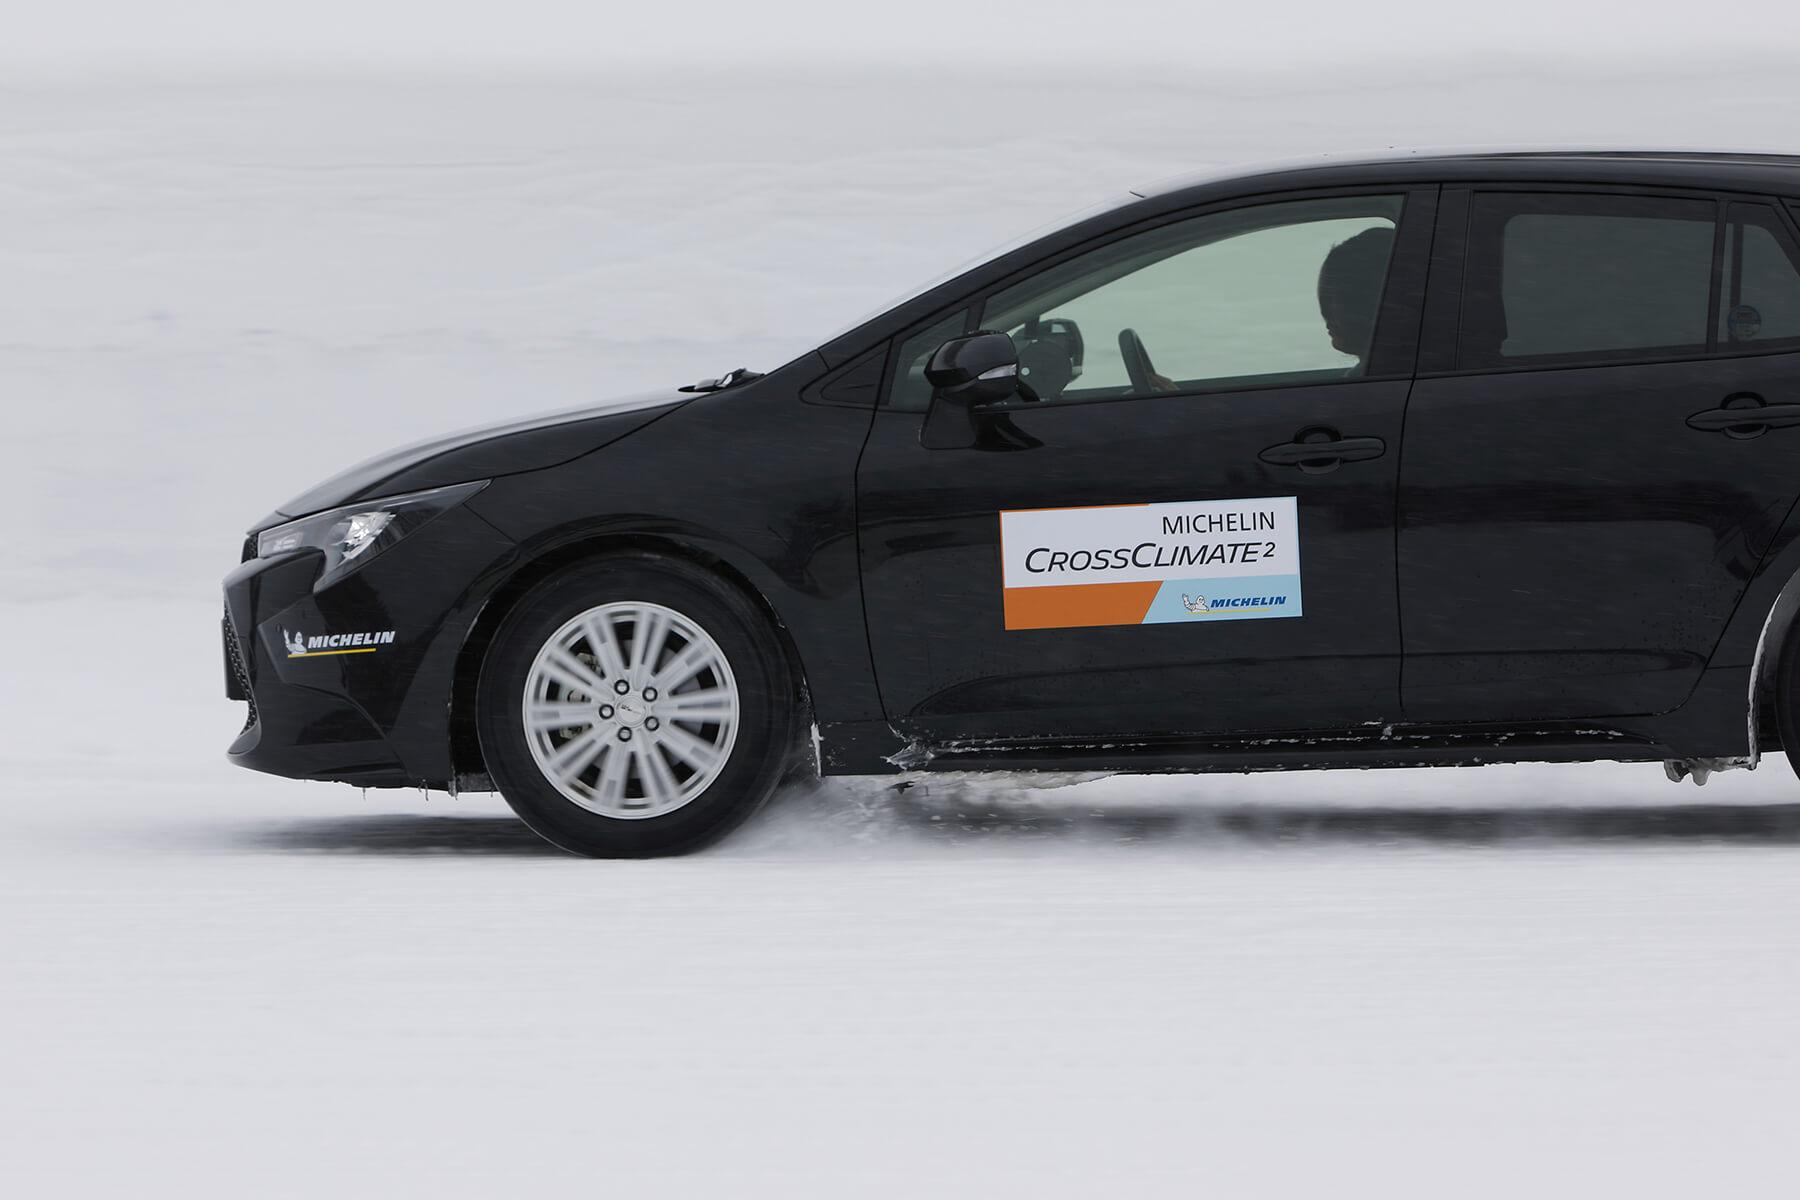 前作と比較し、雪上ブレーキング性能が約7%向上。強くブレーキを踏んでも、タイヤがしっかりと雪を噛んでくれる安心感がある